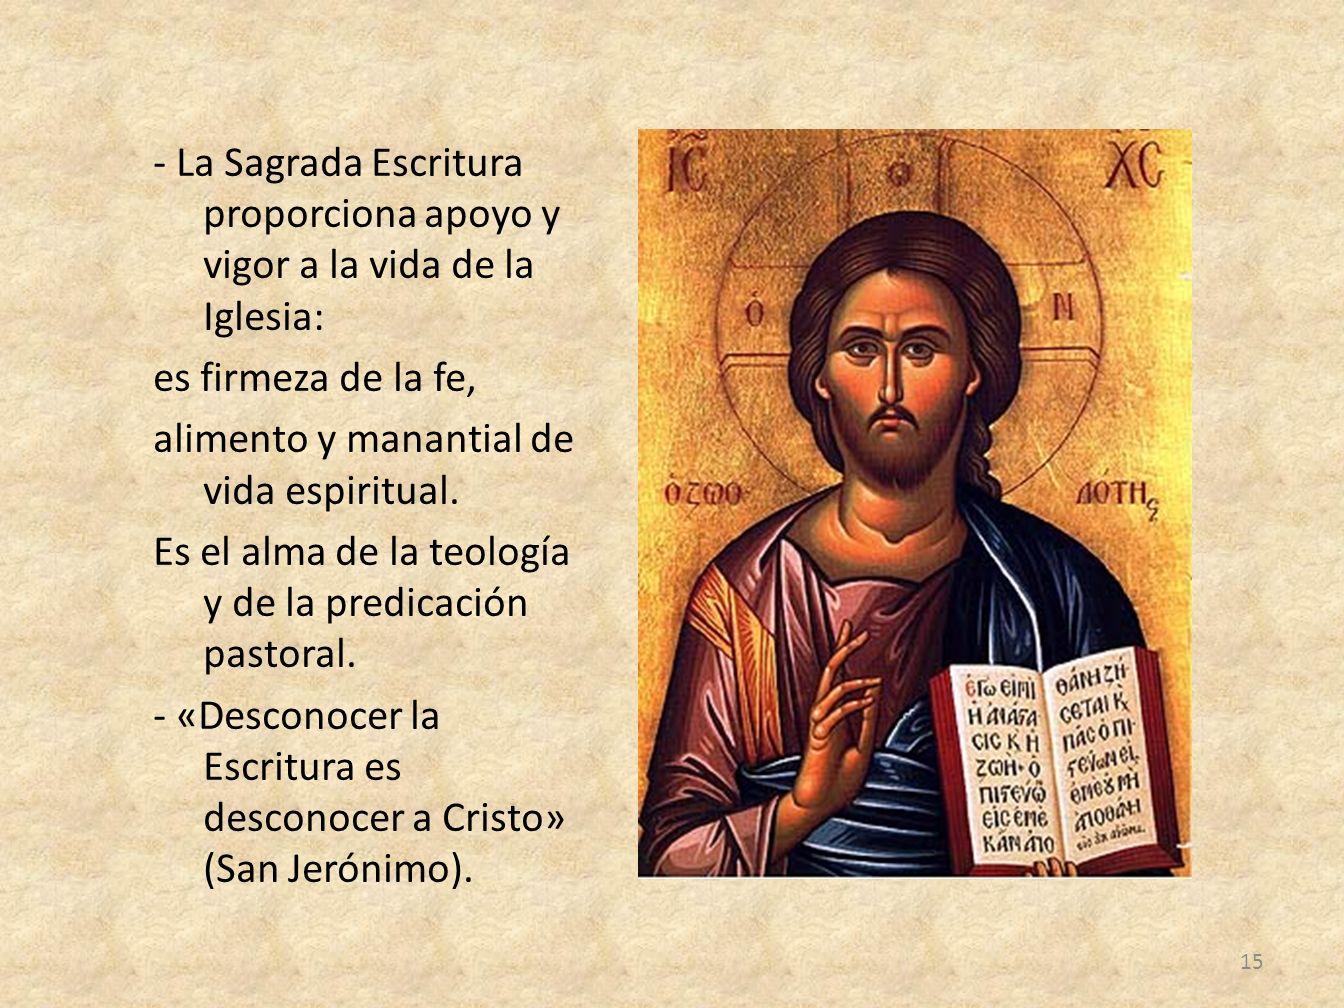 - La Sagrada Escritura proporciona apoyo y vigor a la vida de la Iglesia: es firmeza de la fe, alimento y manantial de vida espiritual.